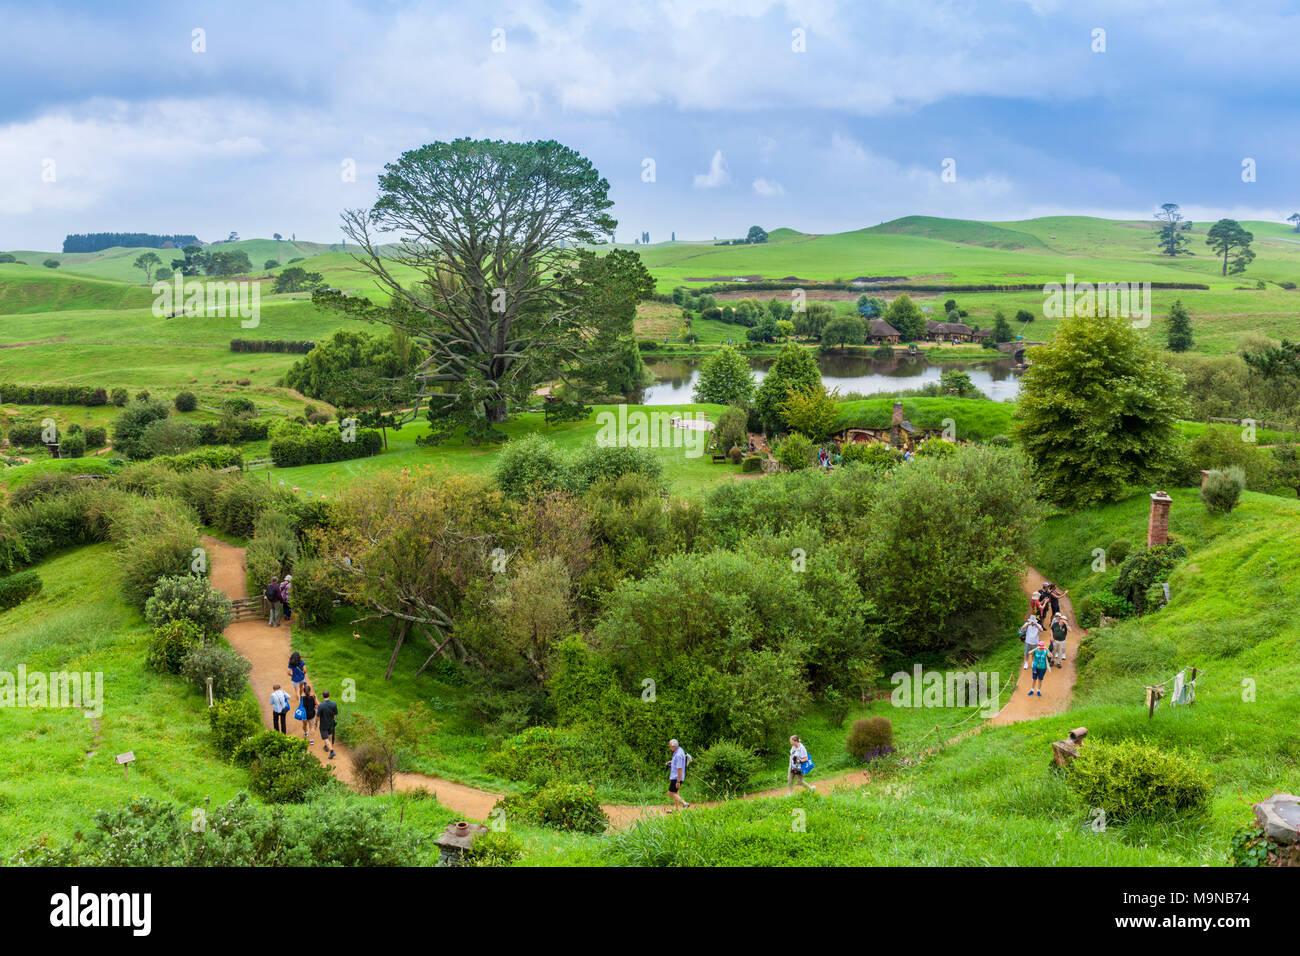 Nueva Zelanda Nueva Zelanda Matamata Hobbiton Hobbiton plató aldea ficticia de Hobbiton en la comarca de El Hobbit y el señor de los anillos libros Foto de stock